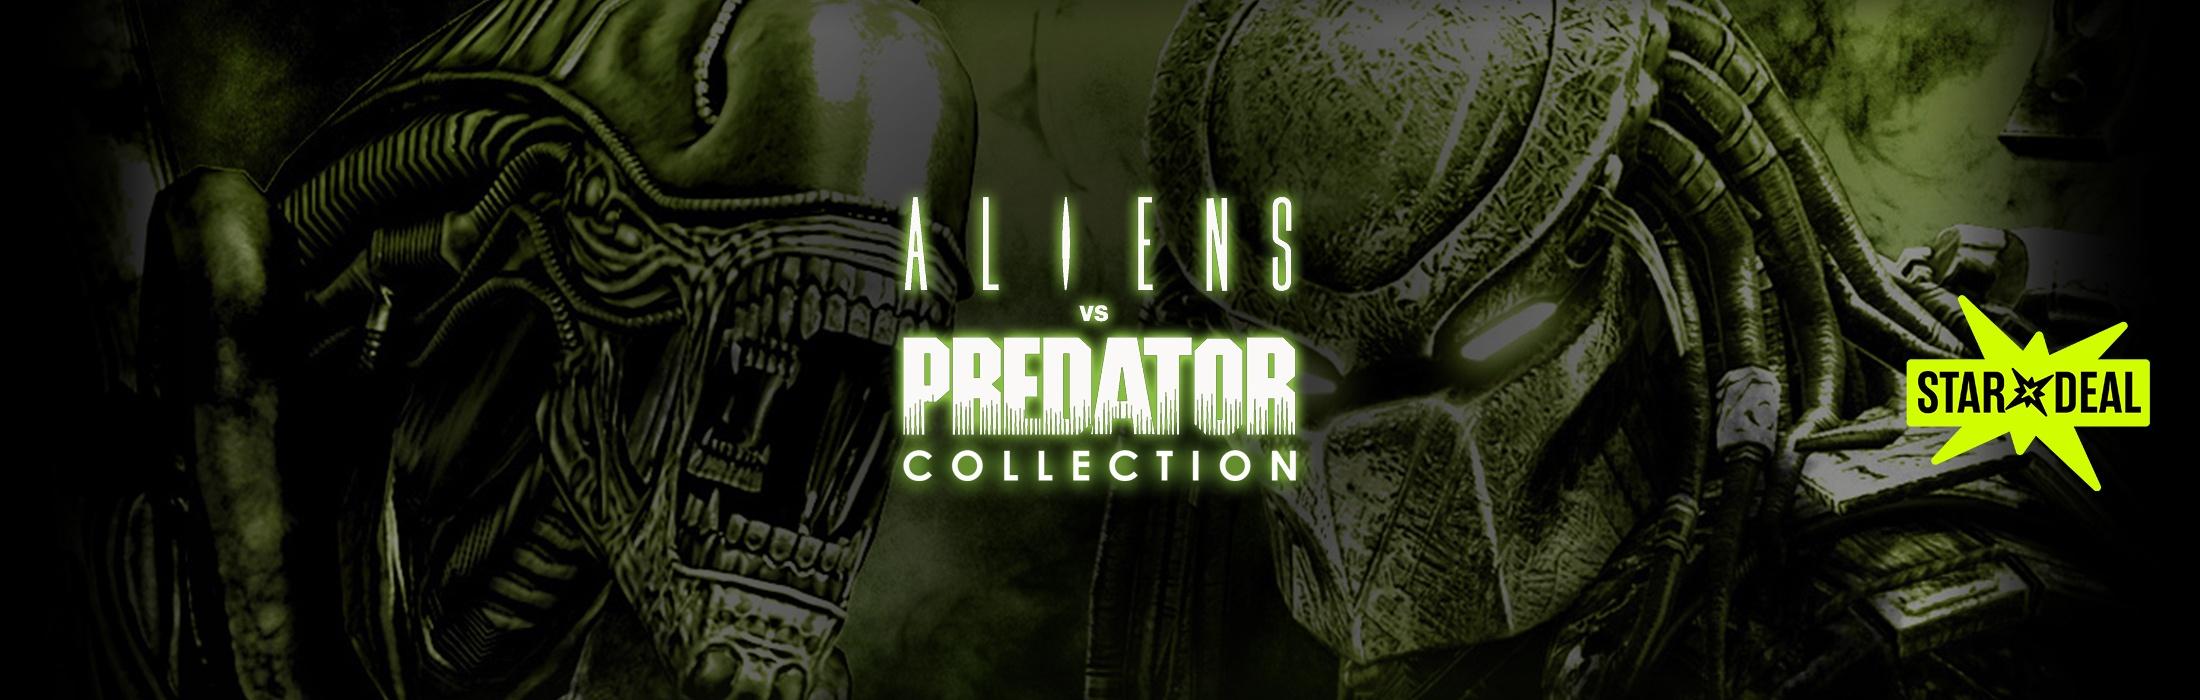 [Steam] Aliens vs Predator bei Bundlestars für 3,59 EUR (VPN)